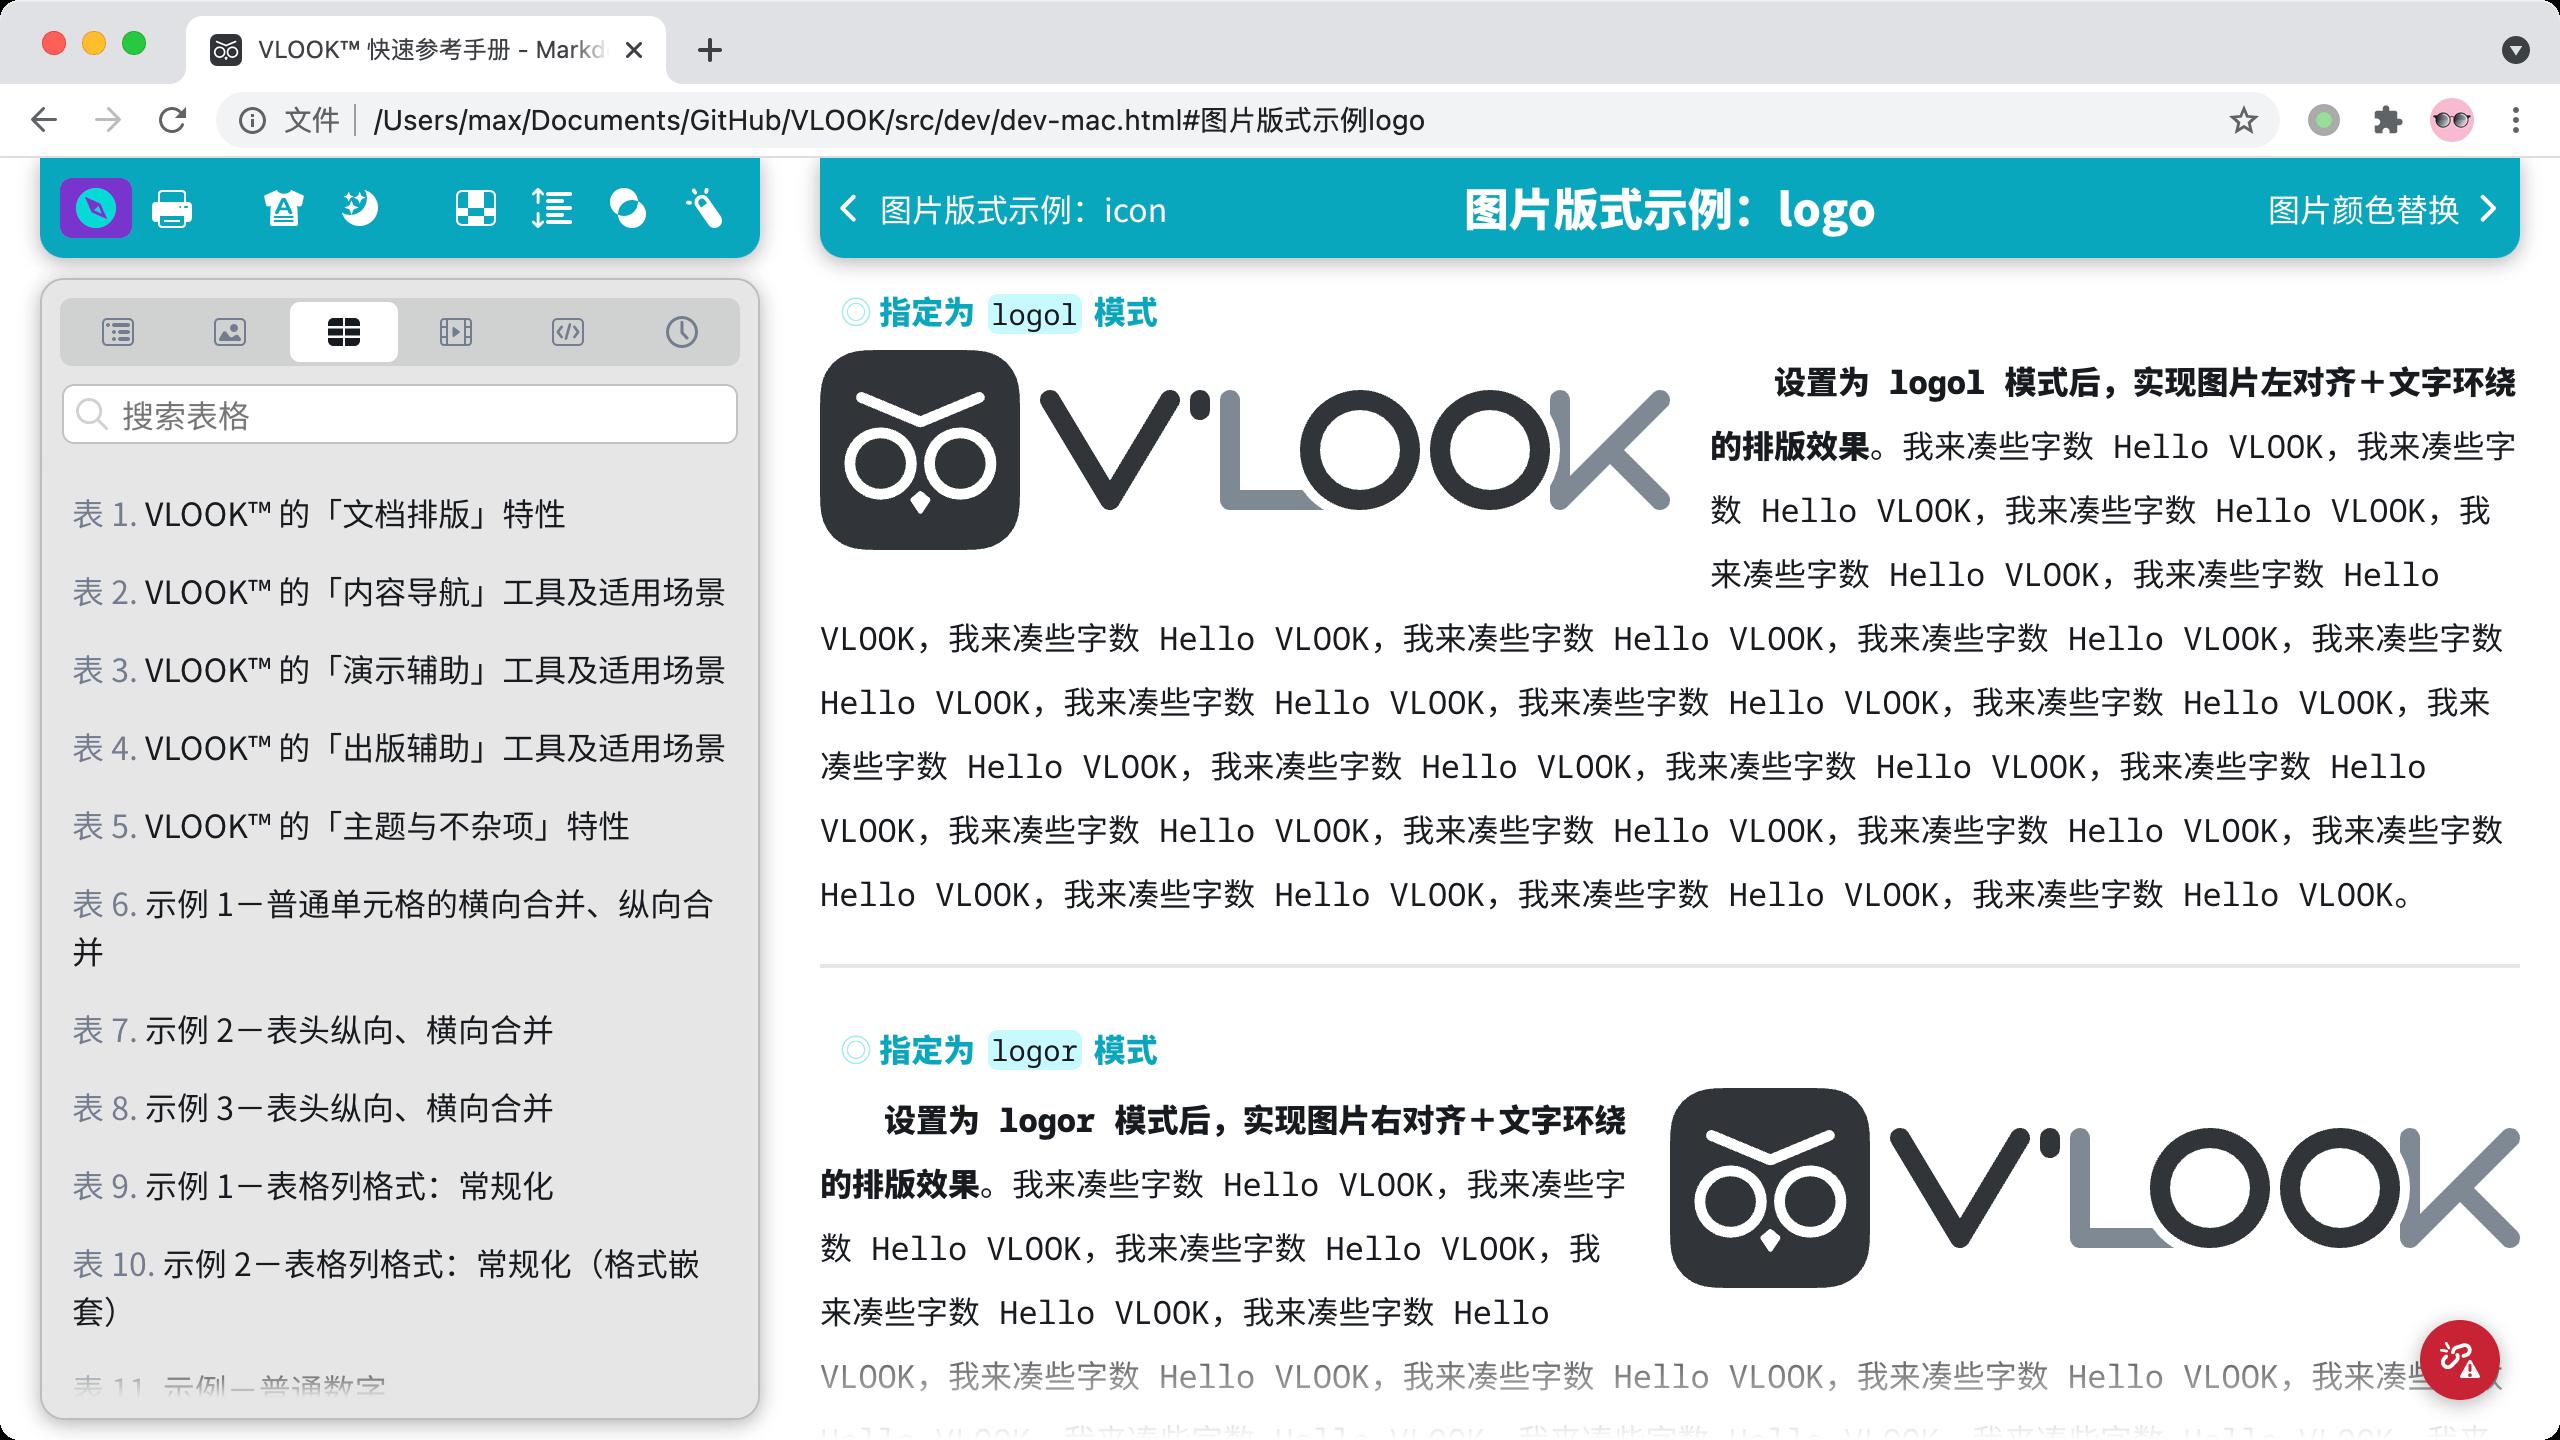 VLOOK 10.6 发布!带来新特性及深度优化和调整~好用实用的 Markdown 主题包和增强插件